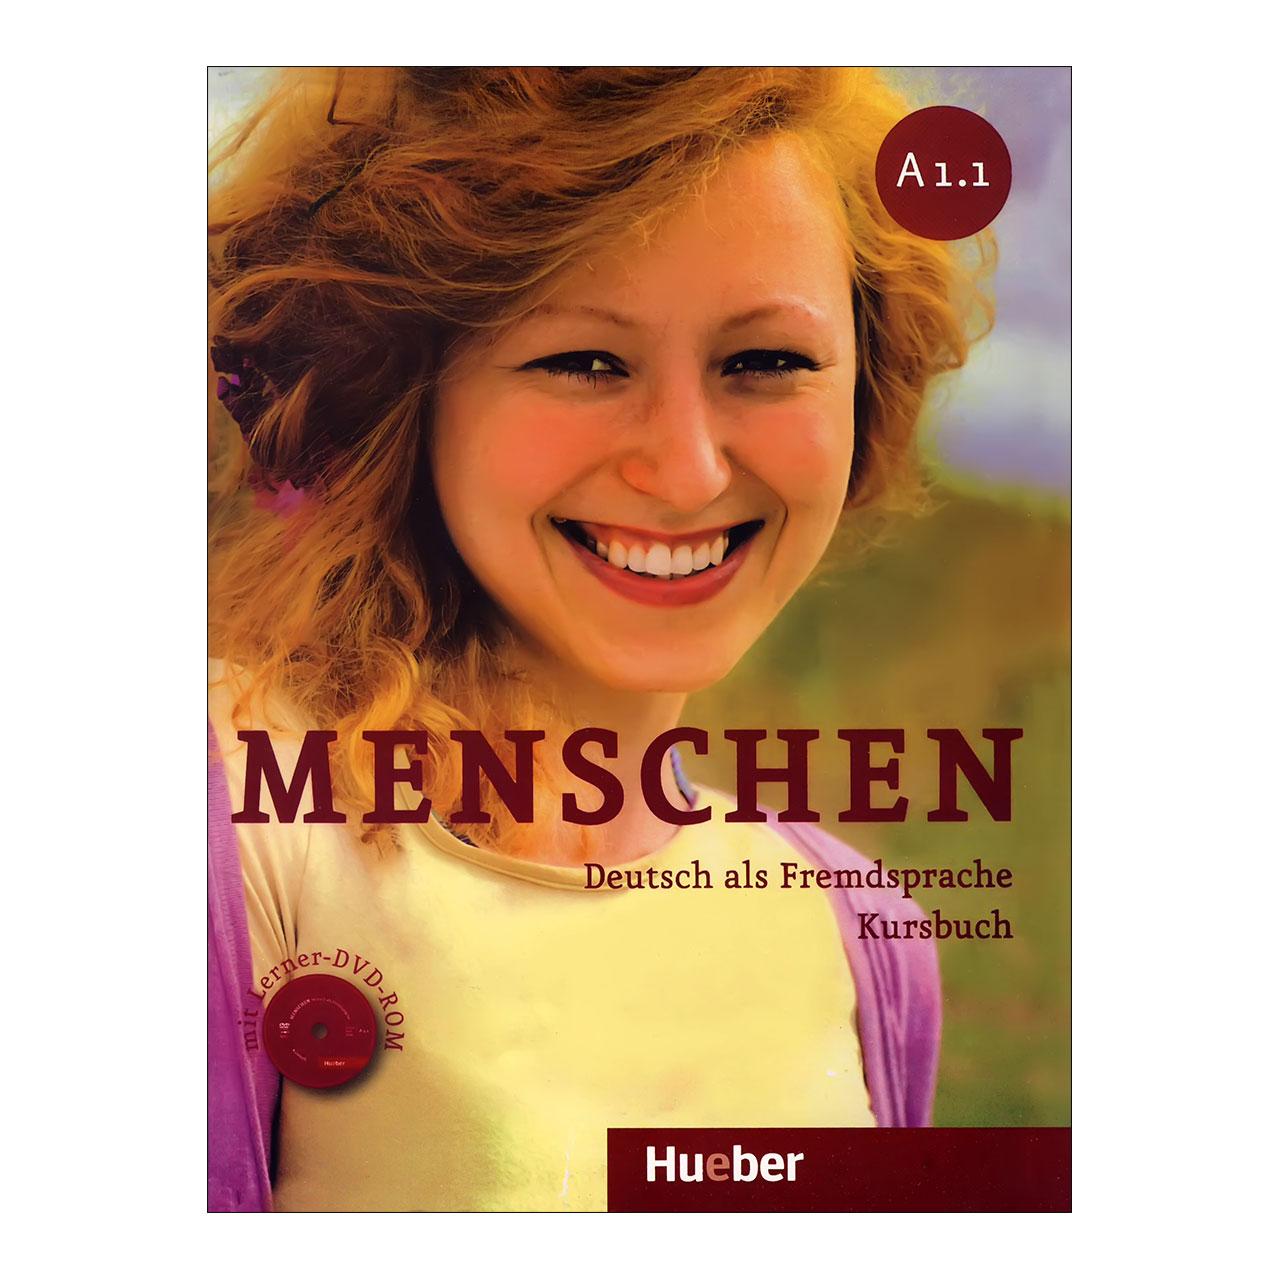 خرید                      کتاب menschen A1.1 اثر جمعی از نویسندگان انتشارات Hueber